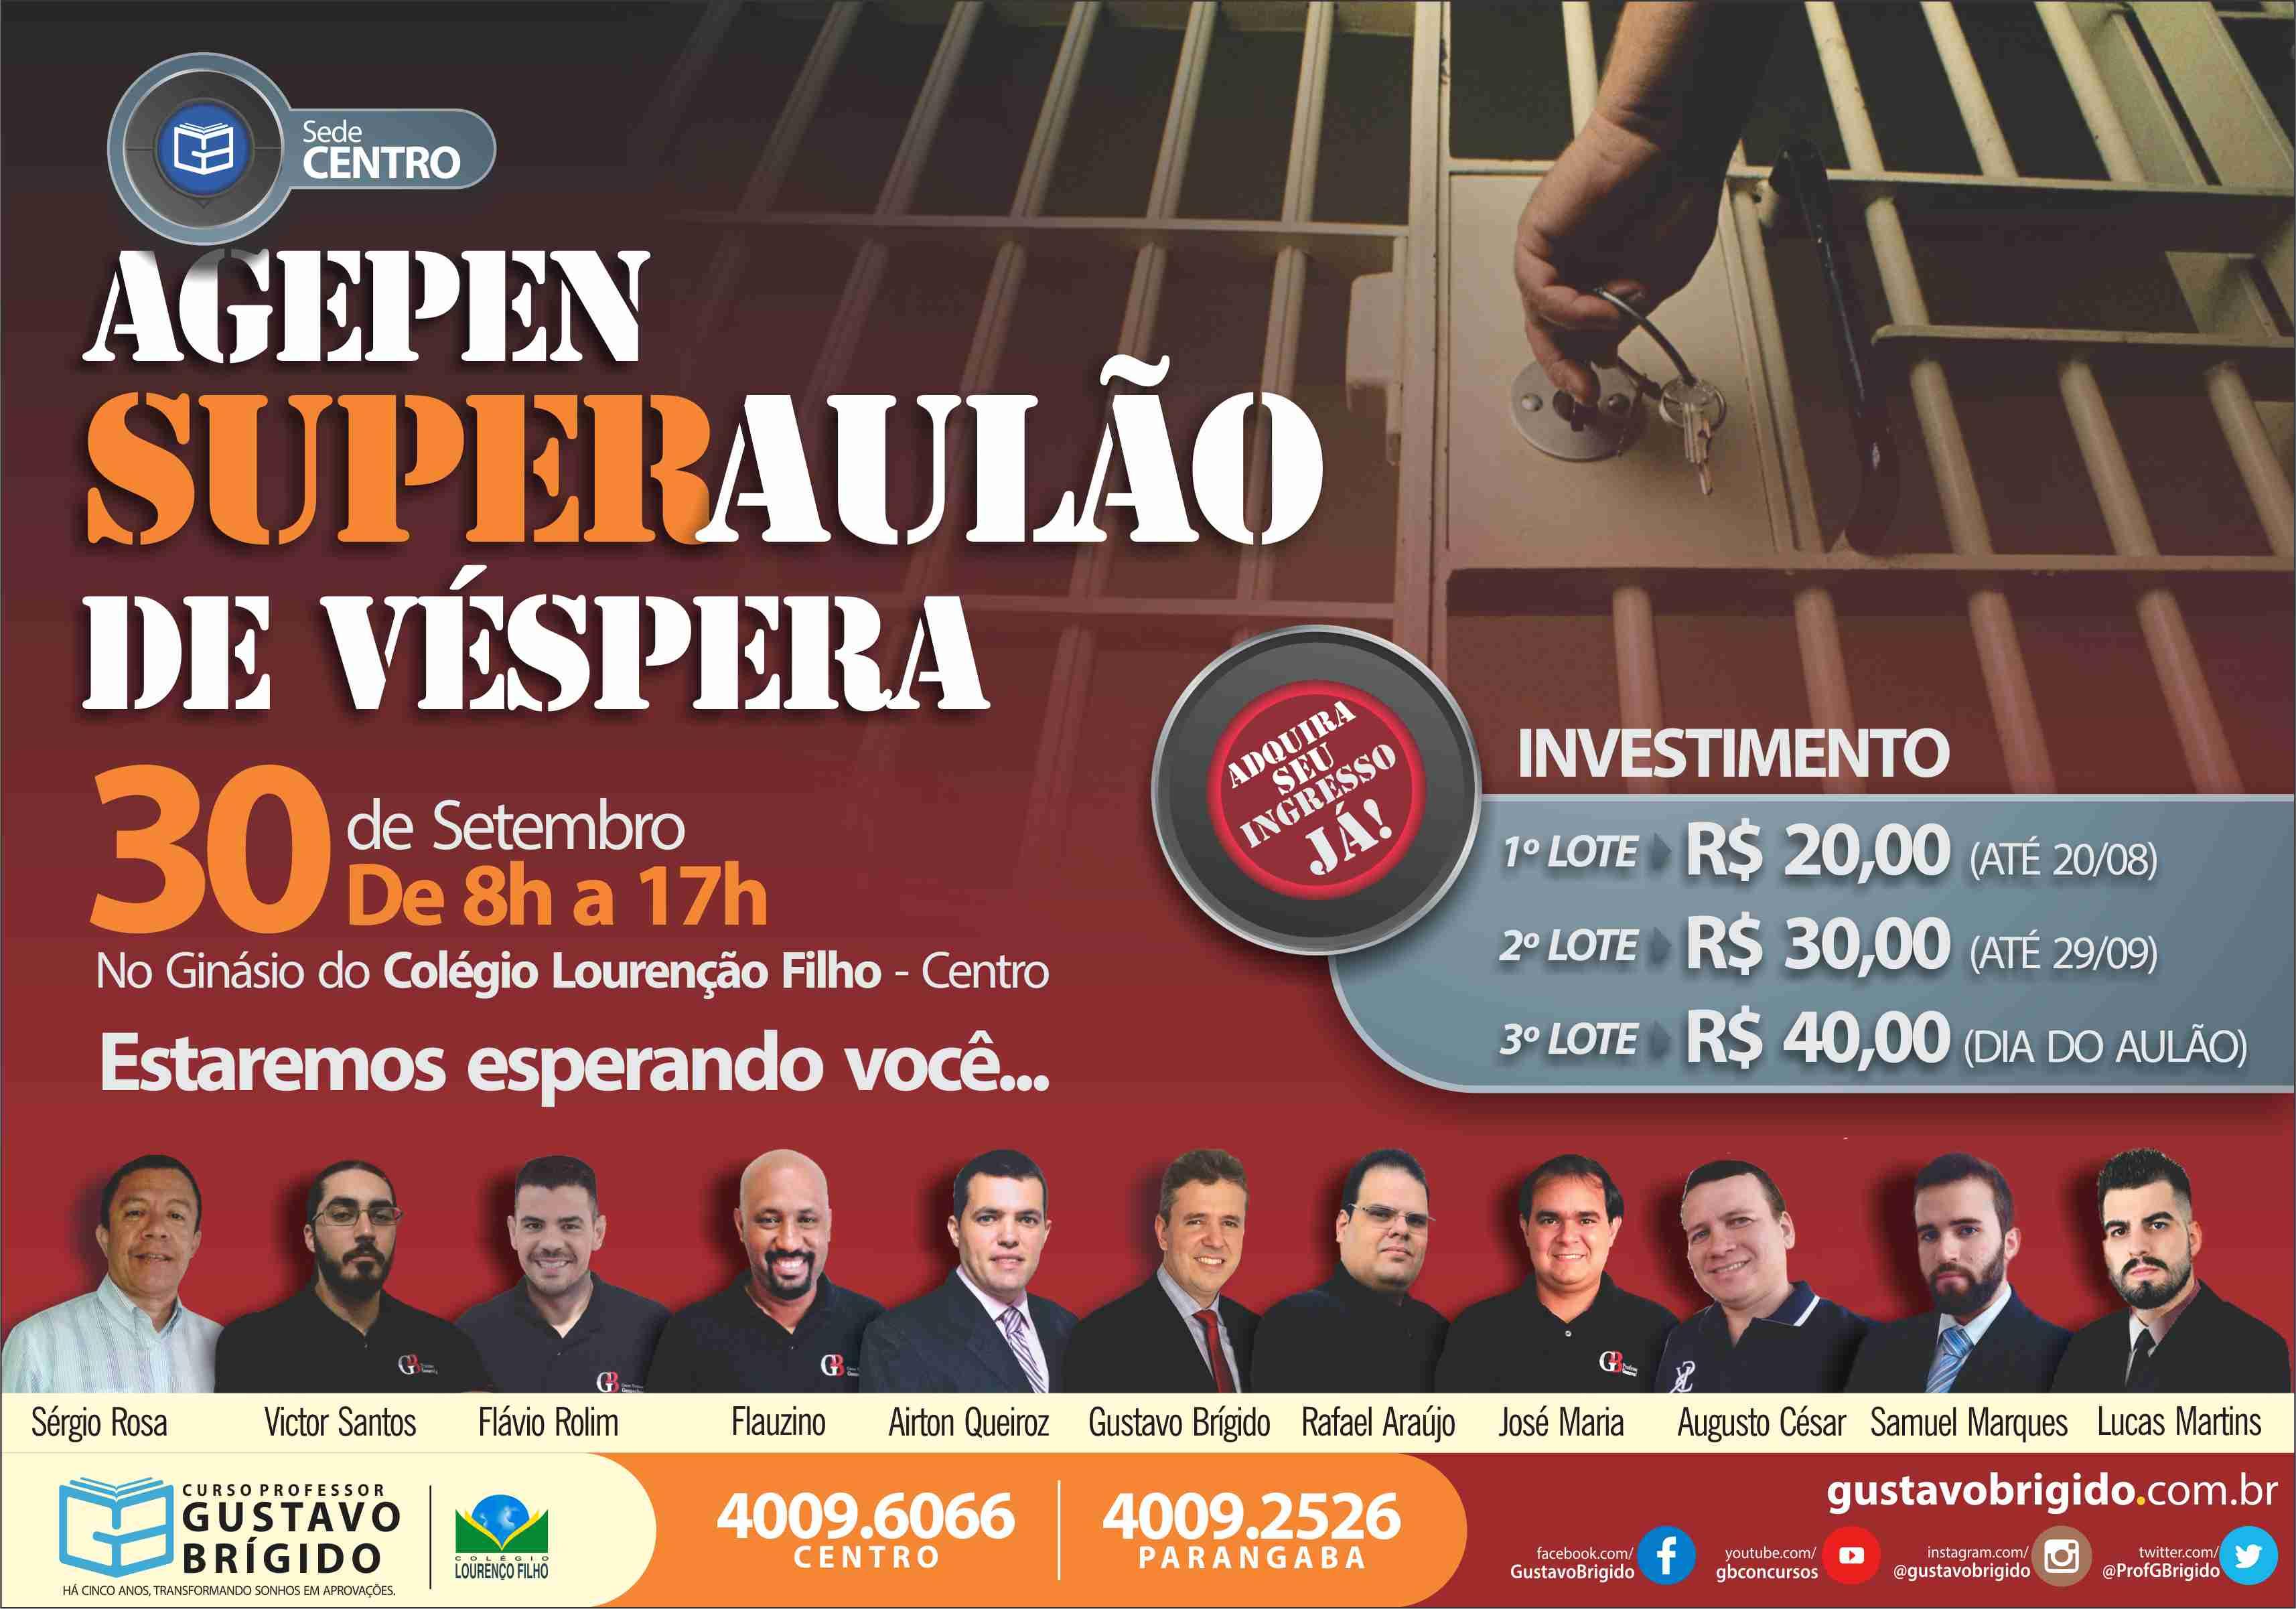 INGRESSO DO SUPER AULÃO DE VÉPERA - CONCURSO AGEPEN - CE - PRESENCIAL - DIA 30 DE SETEMBRO